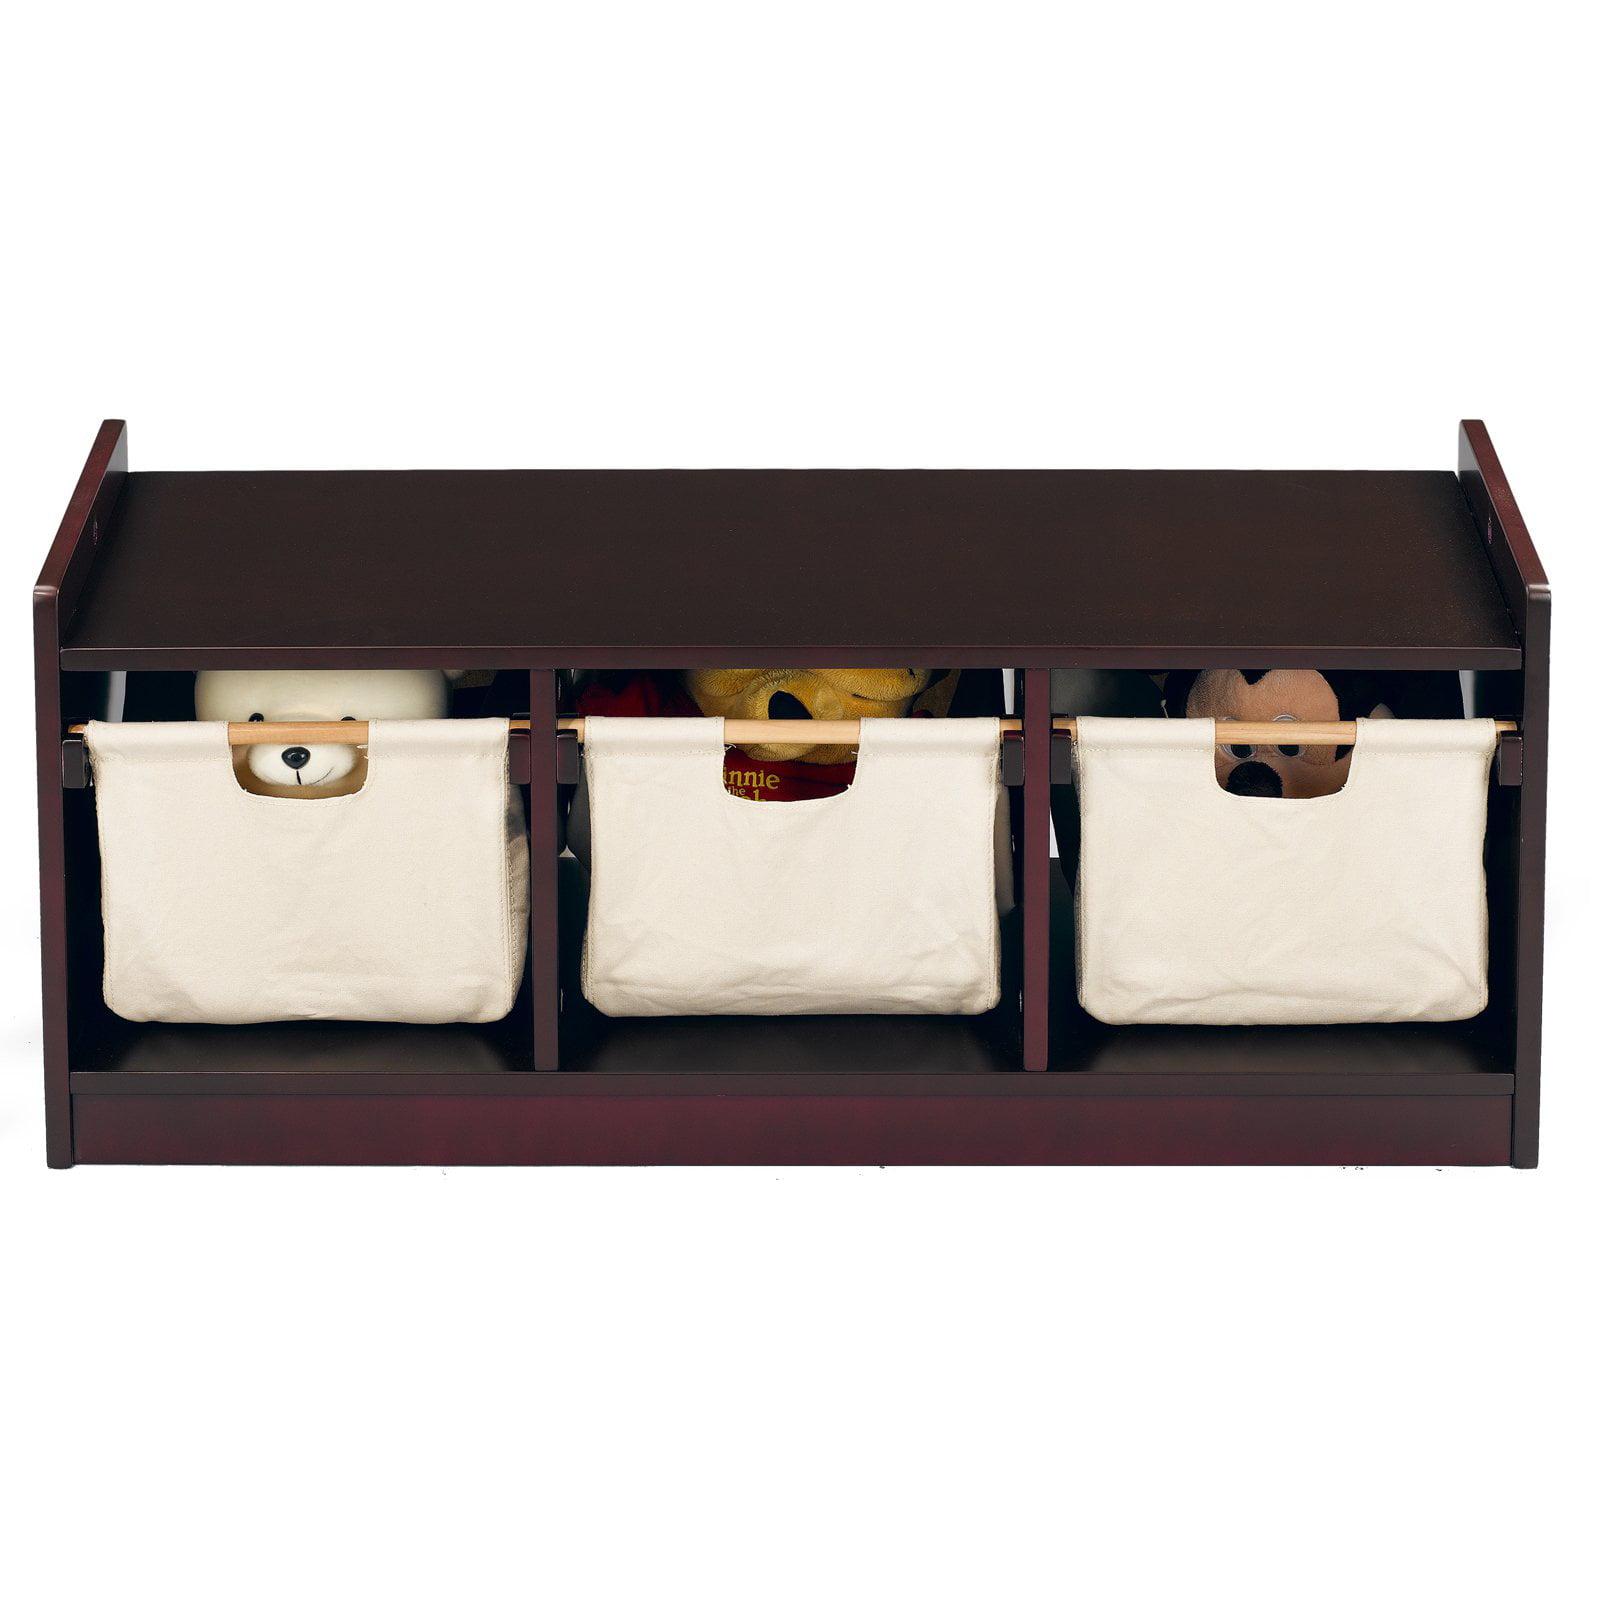 WonkaWoo Deluxe Children's Storage Bench, Espresso